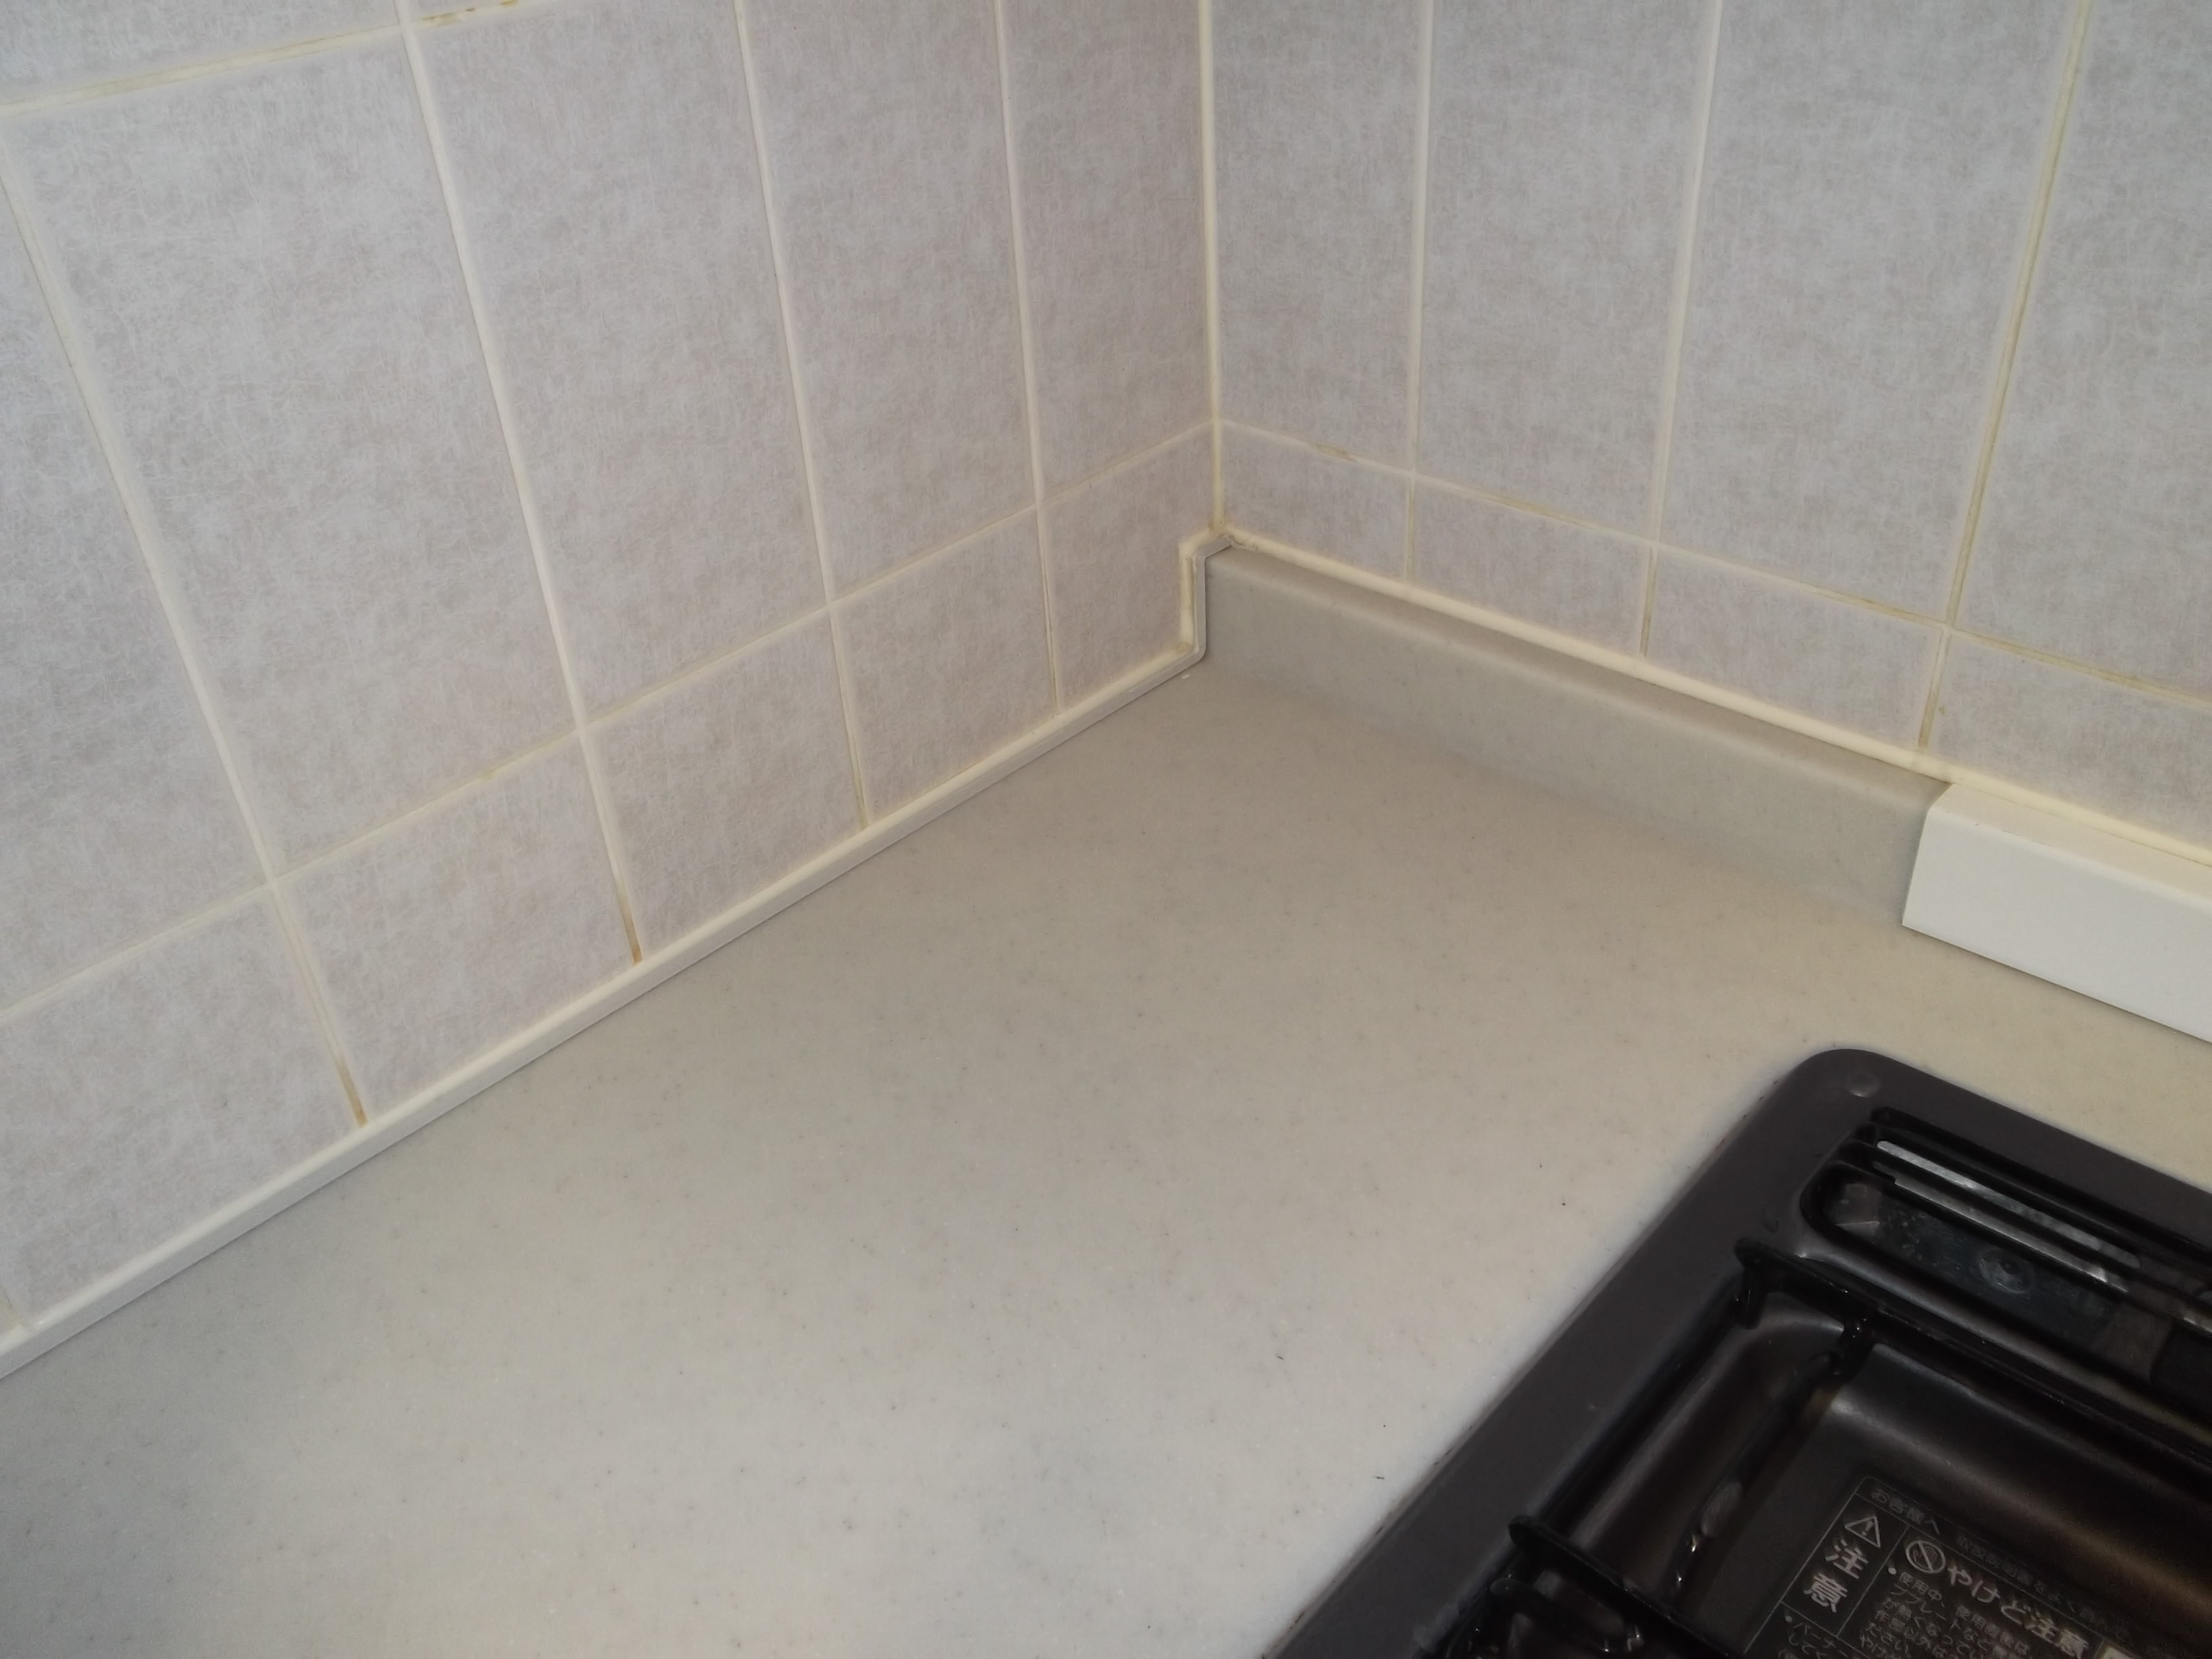 新宿の便利屋ダイコーレディのお掃除代行部隊なら家中きれいに掃除します。